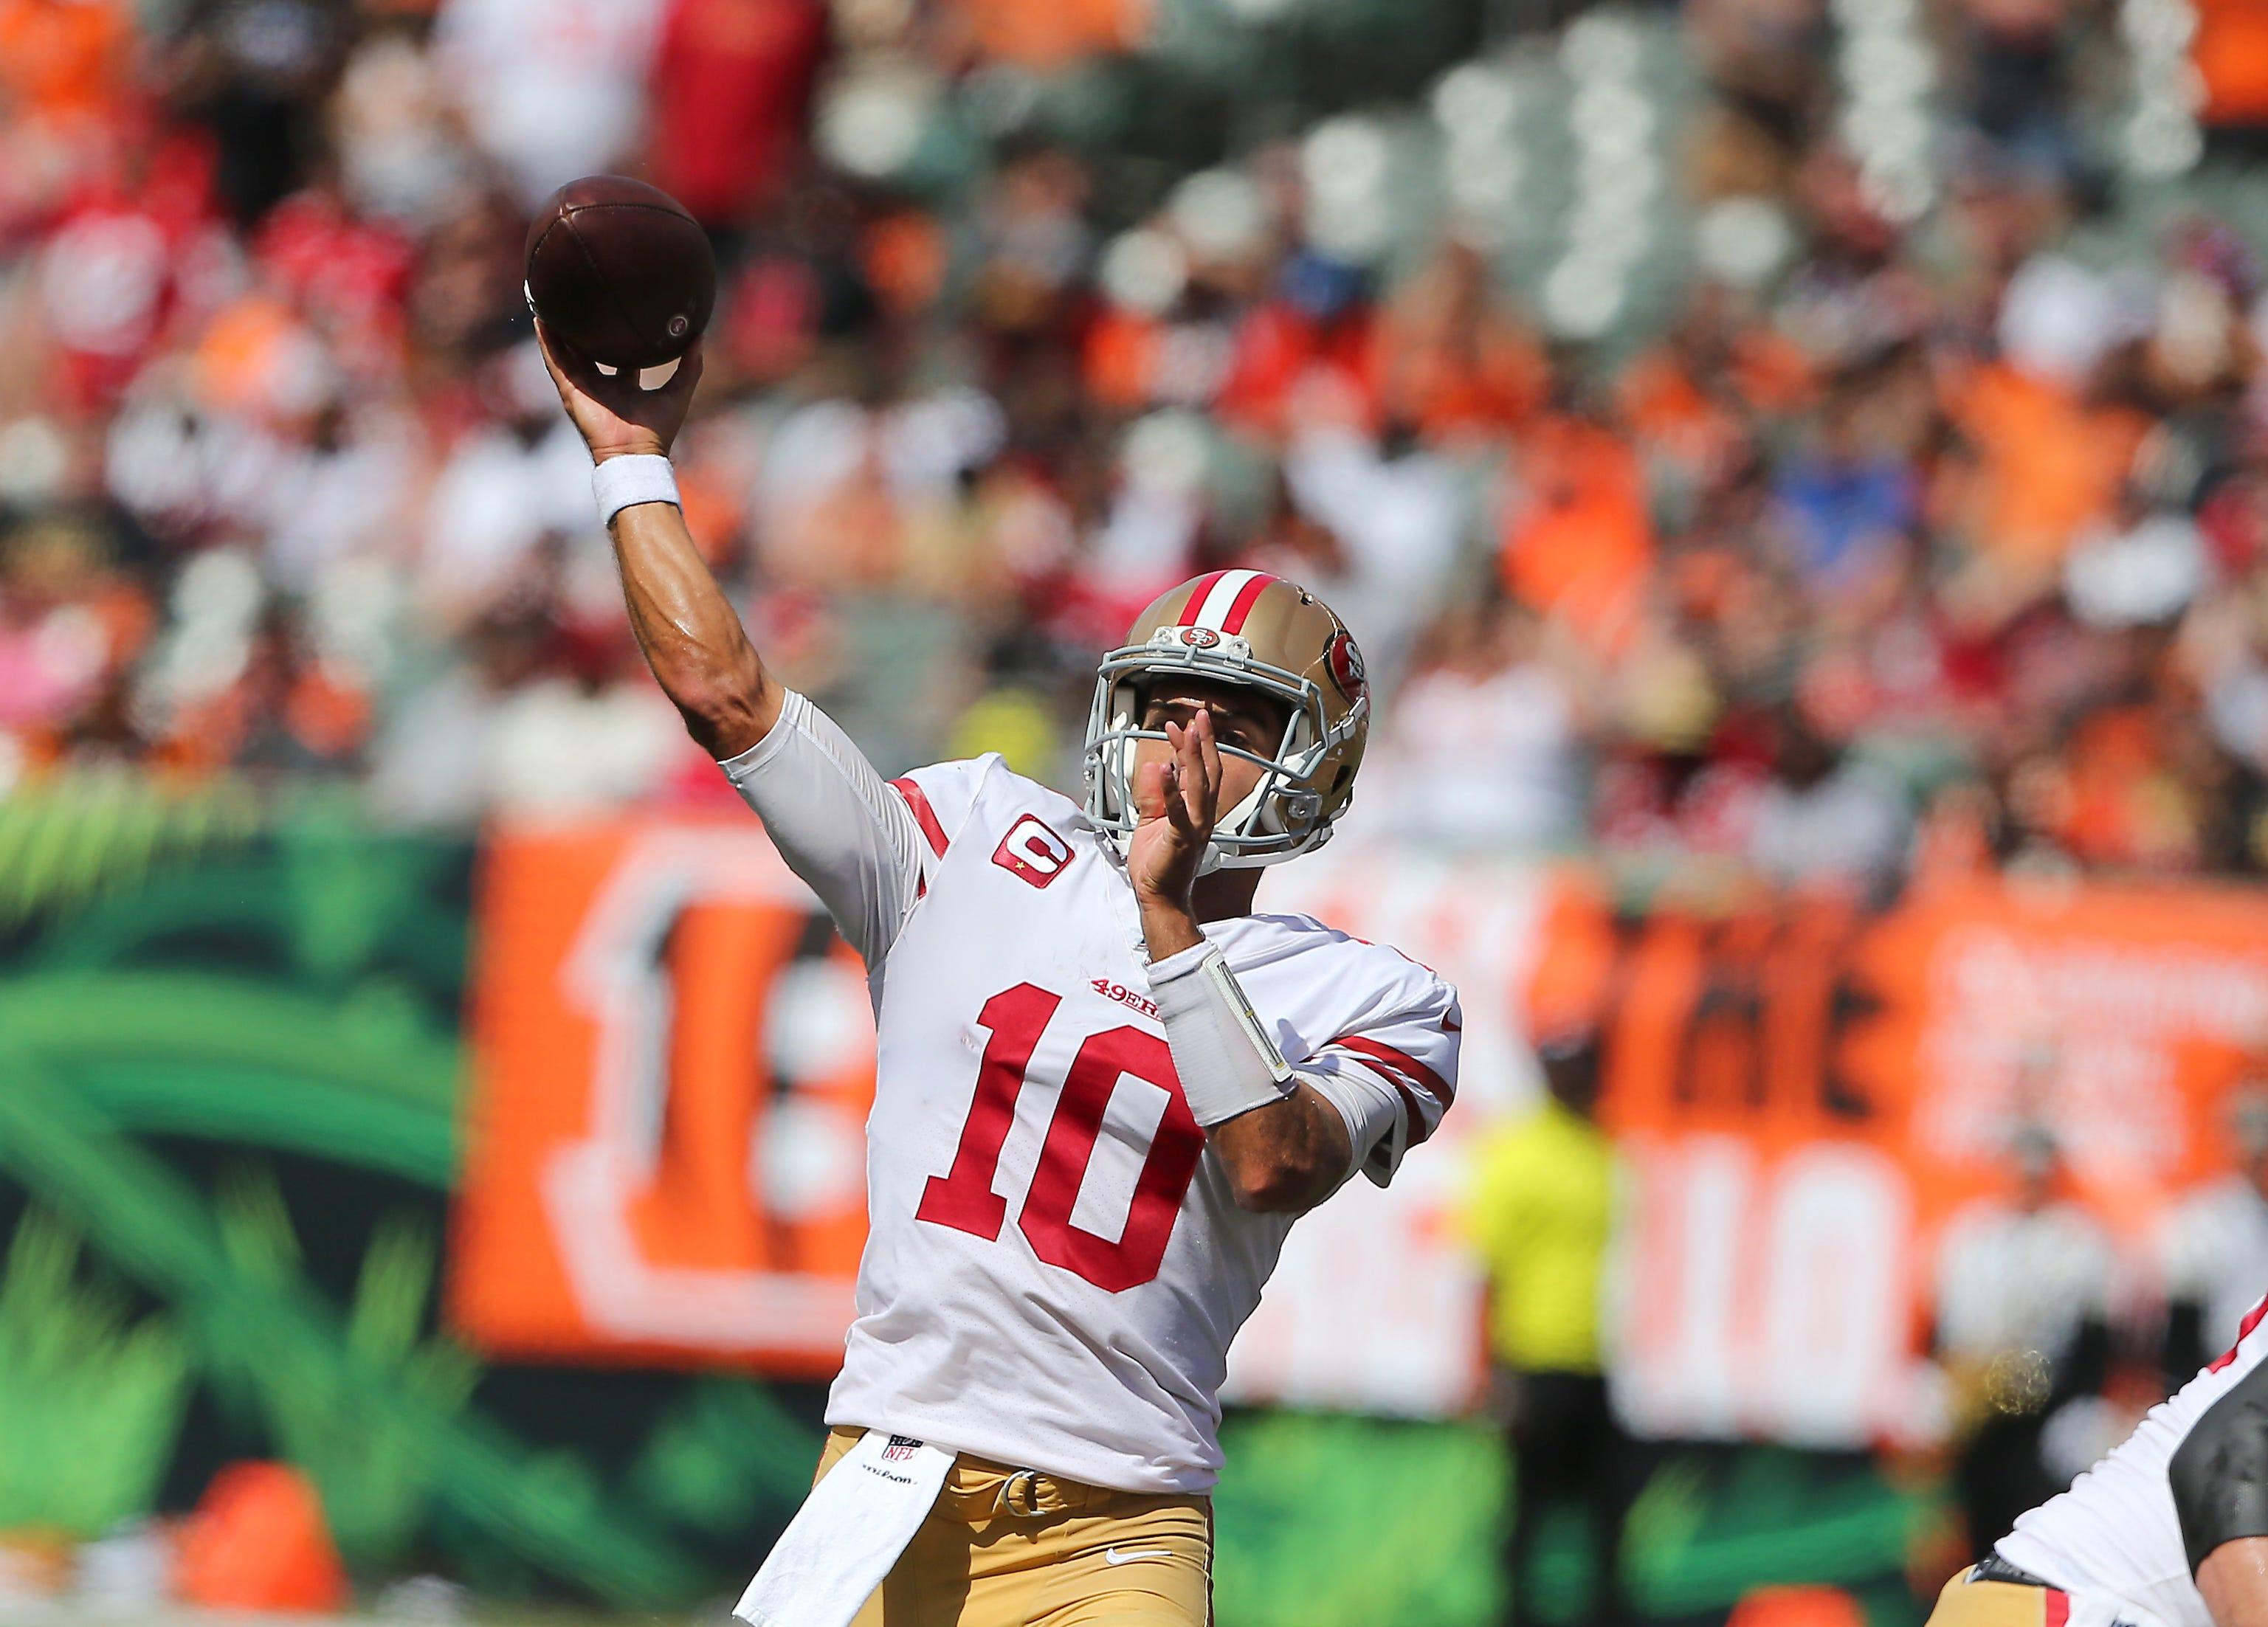 RADIO.COM NFL Week 3 Power Rankings: 49ers Surge, Steelers Drop